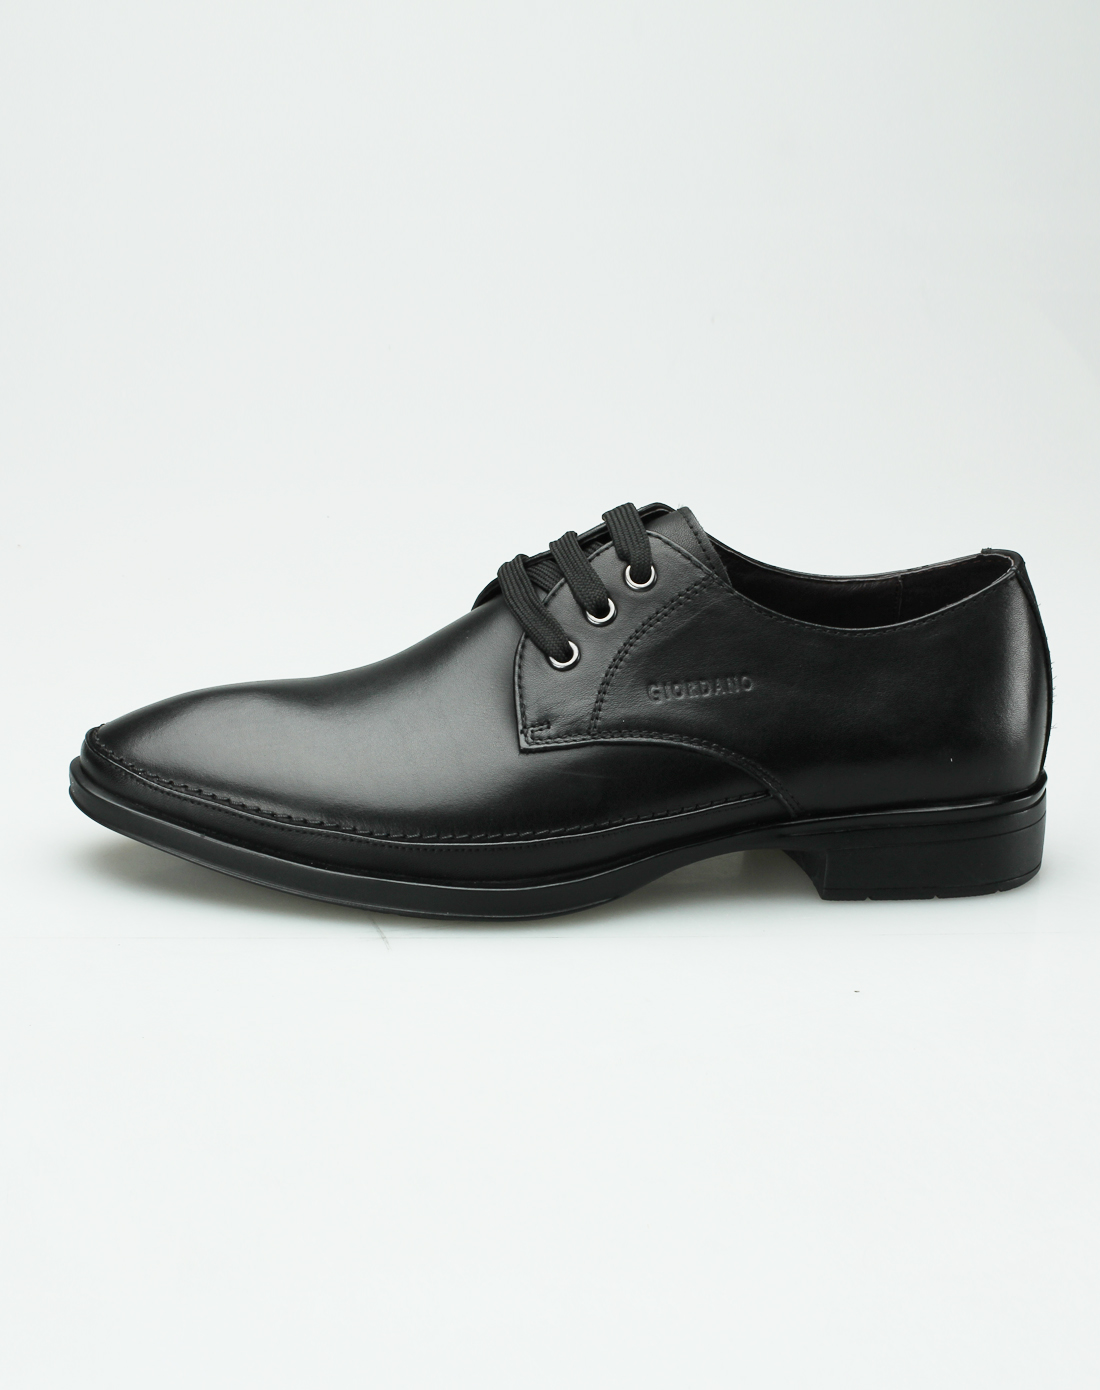 佐丹奴giordano男款黑色休闲鞋